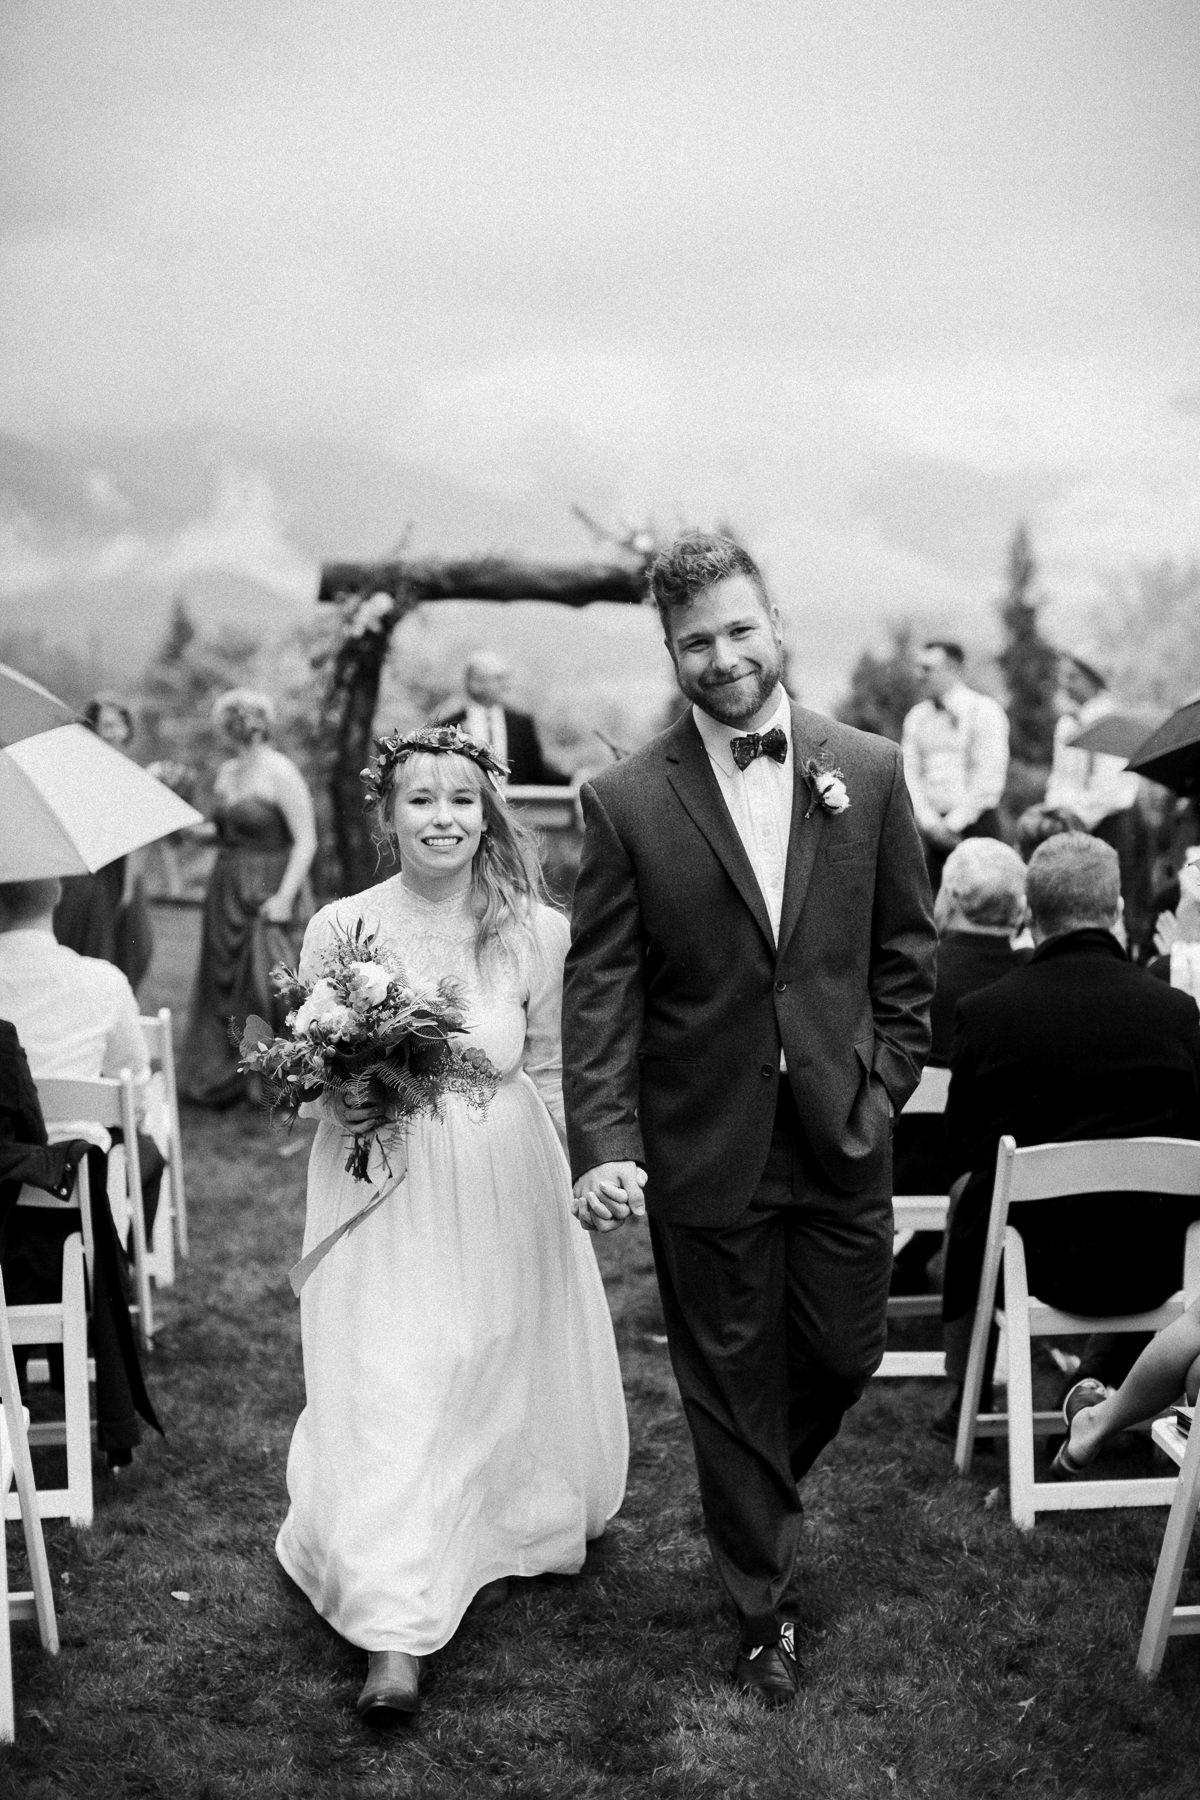 Matt-and-Chelsey-Nelson-wedding-16.jpg